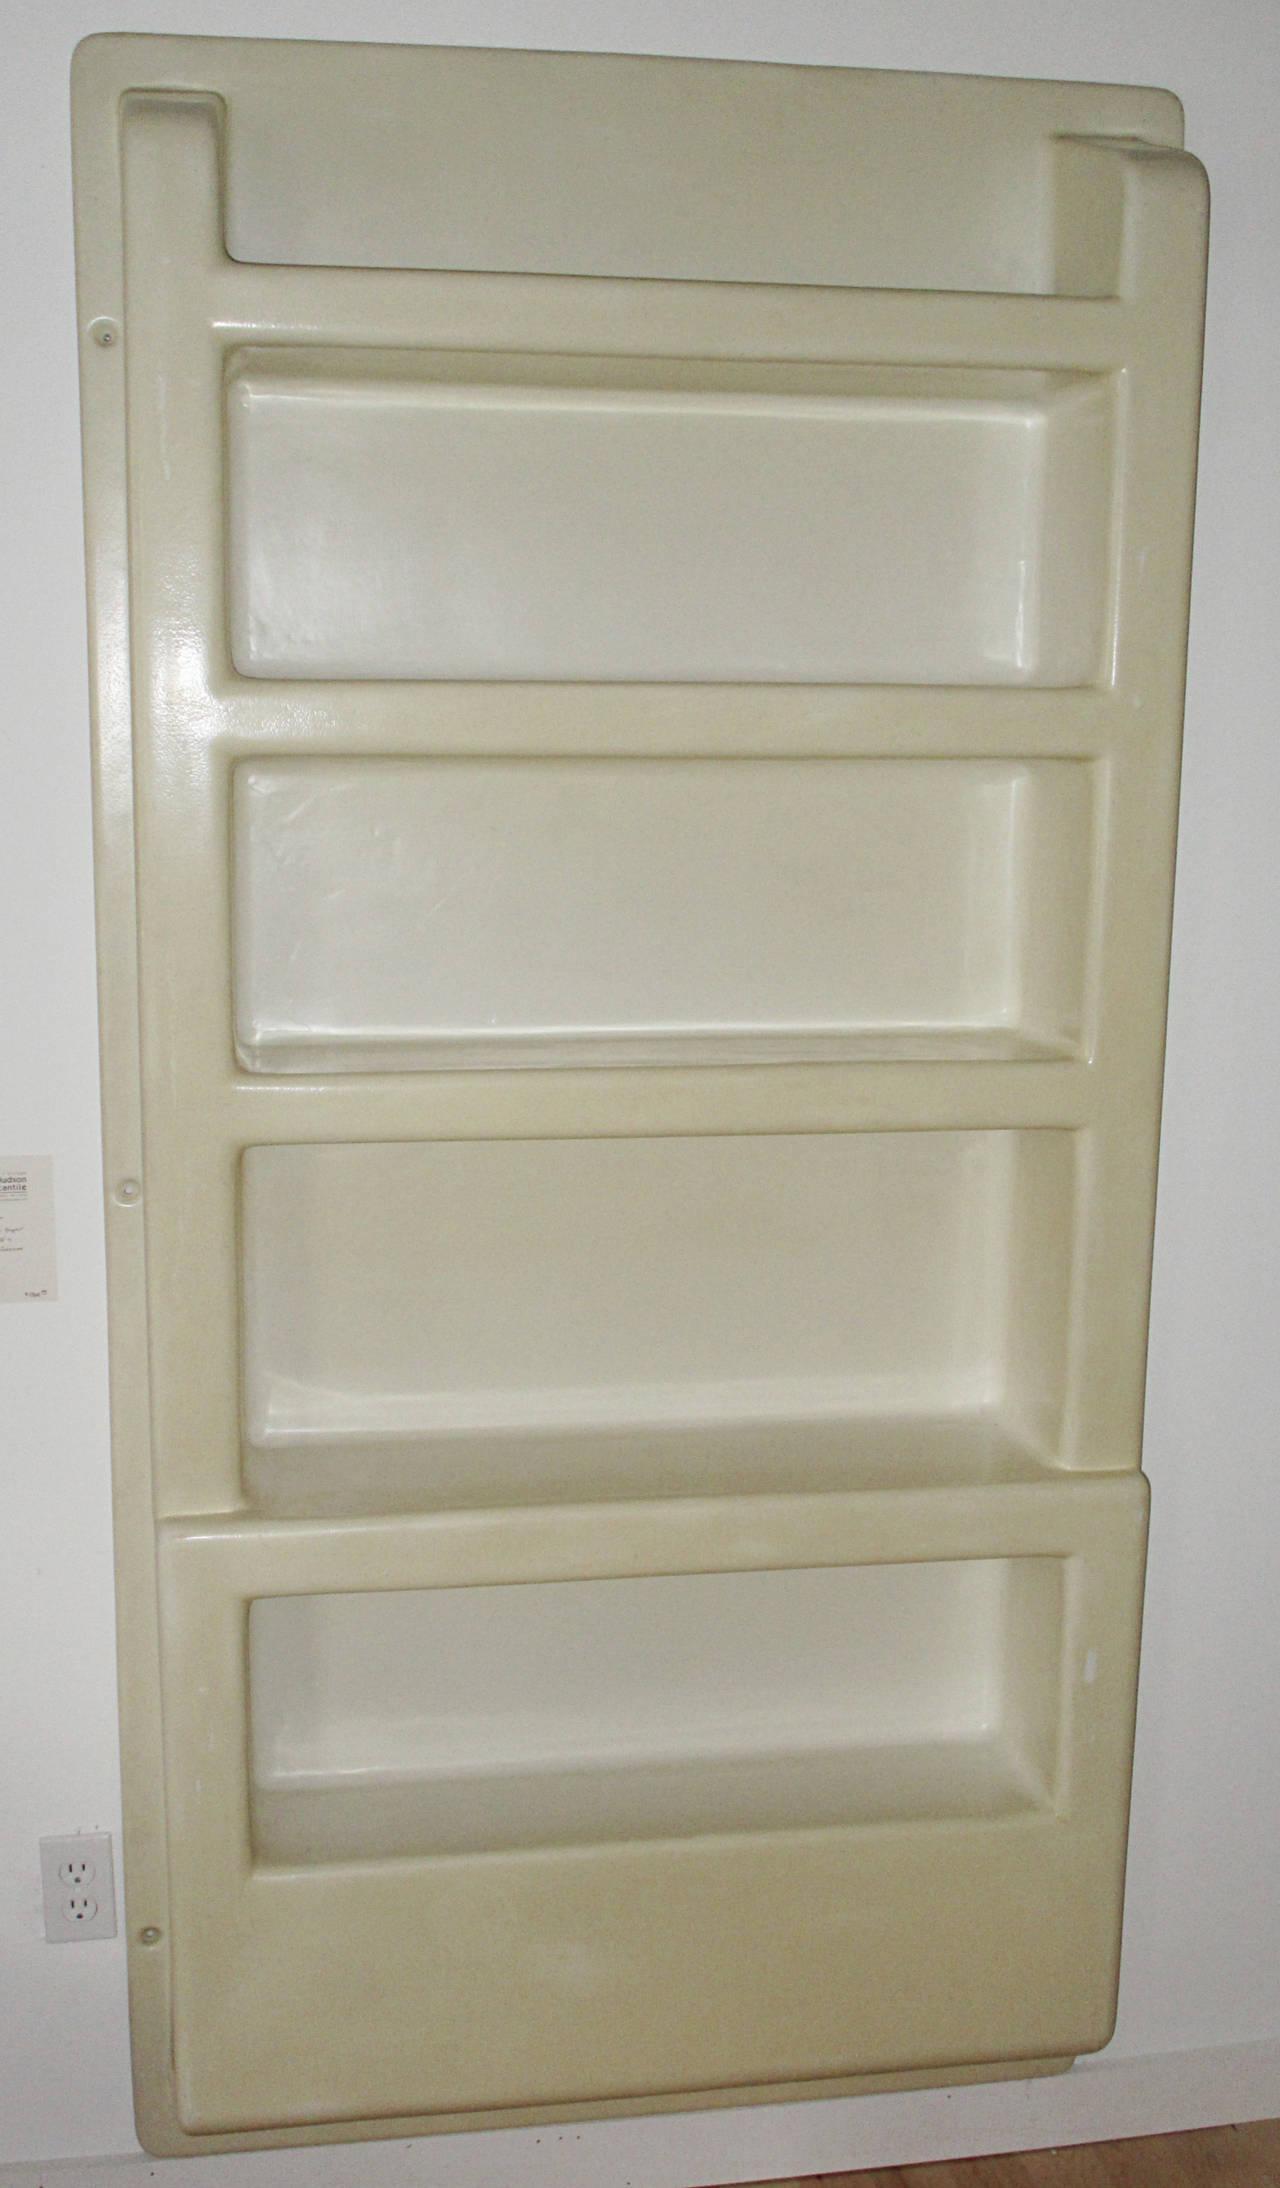 wall mounted plastic shelves photo - 8